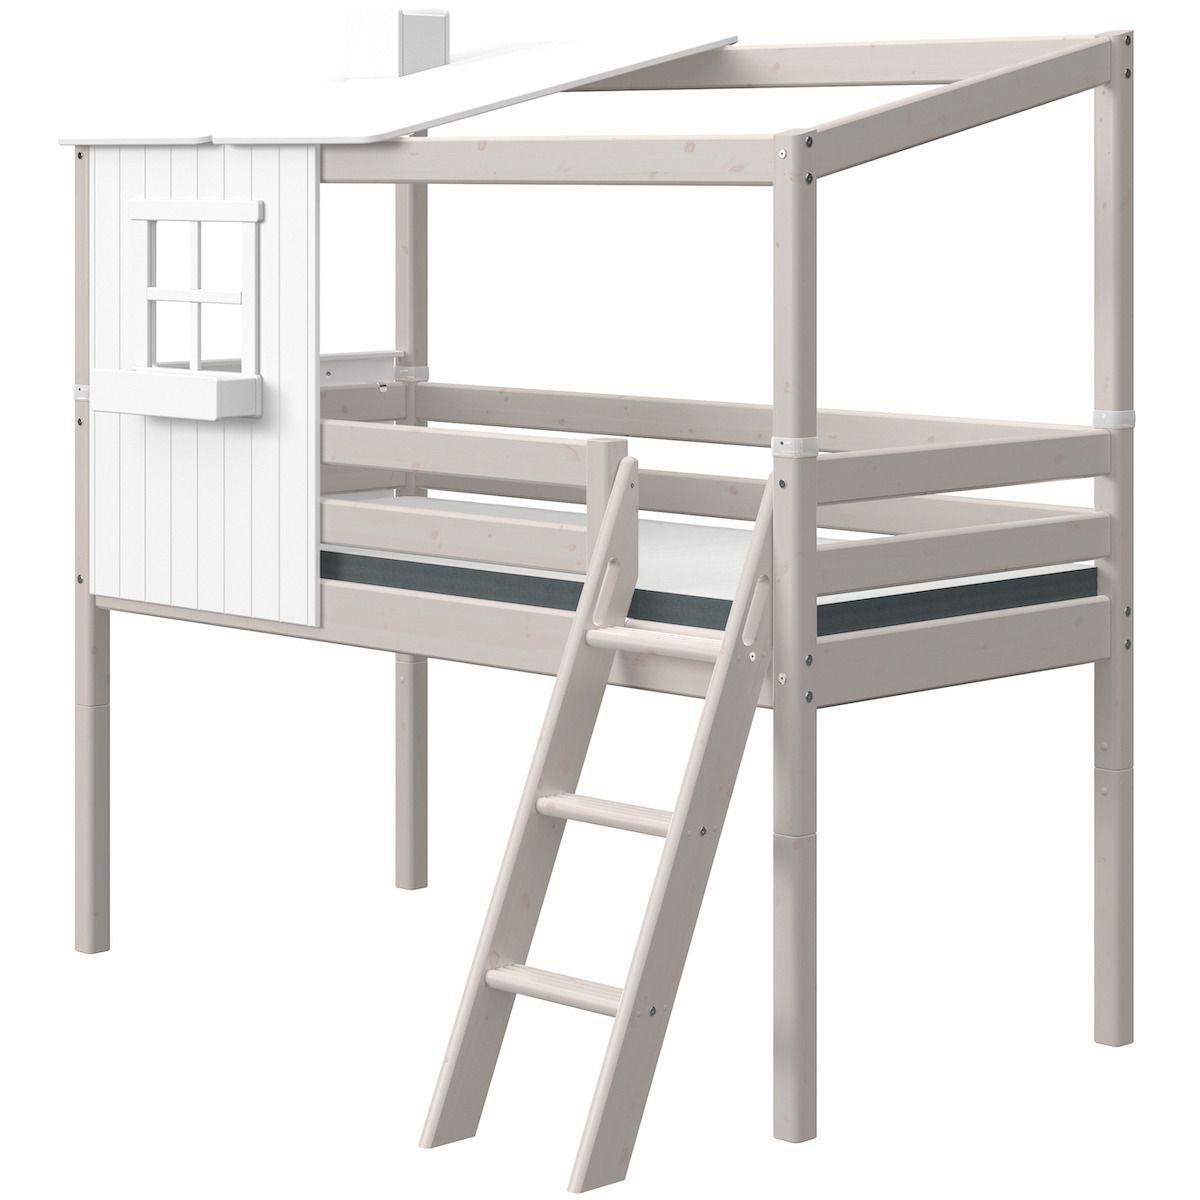 Halbhoch Spielbett mitwachsend 90x190cm 1-2 PLAY HOUSE CLASSIC Flexa weiß-grey washed